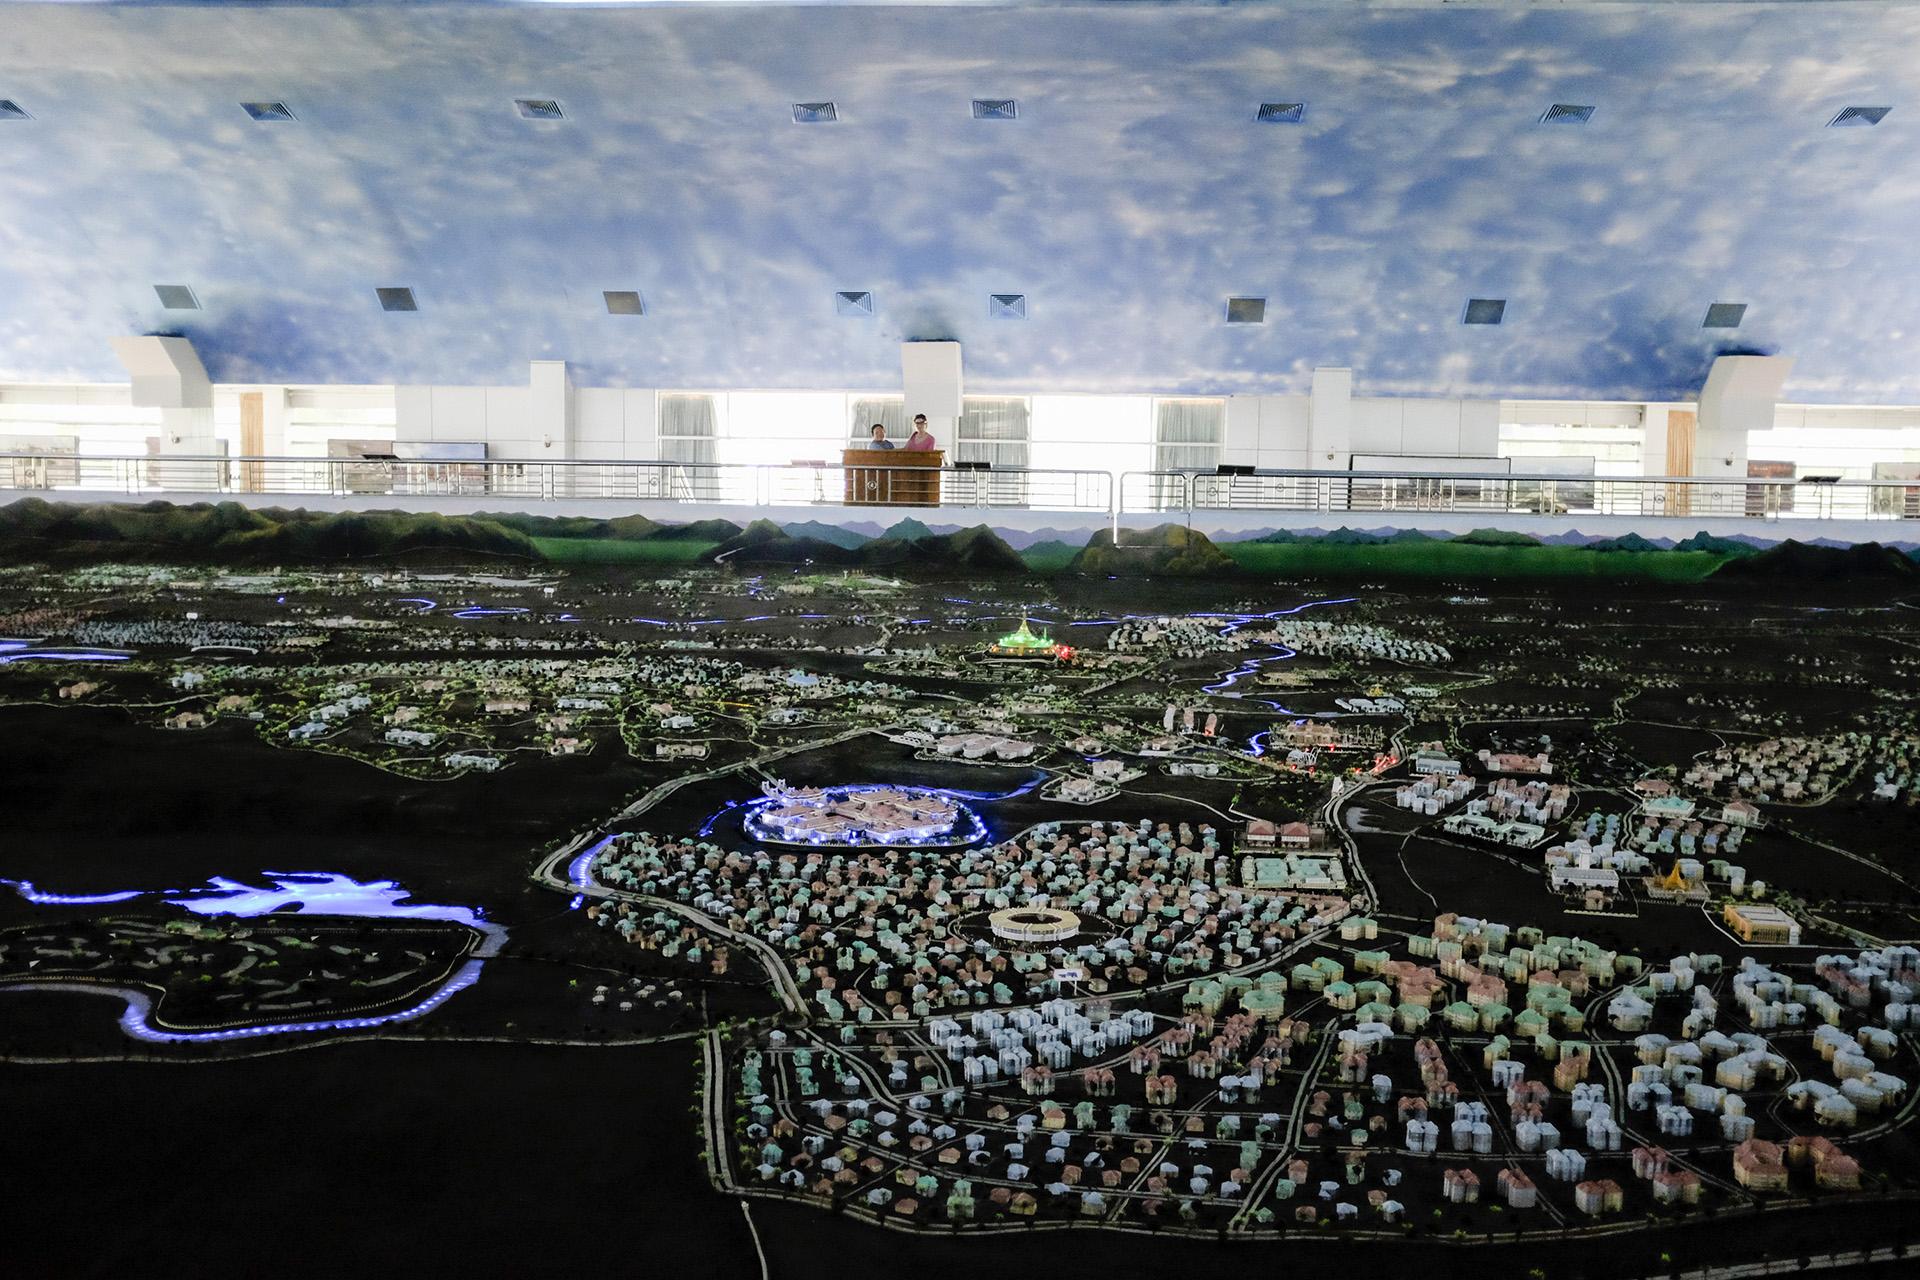 Une gigantesque maquette de la ville est présentée dans le pavillon qui représente Naypyidaw dans le parc.  Naypyidaw, Birmanie. Mai 2015.